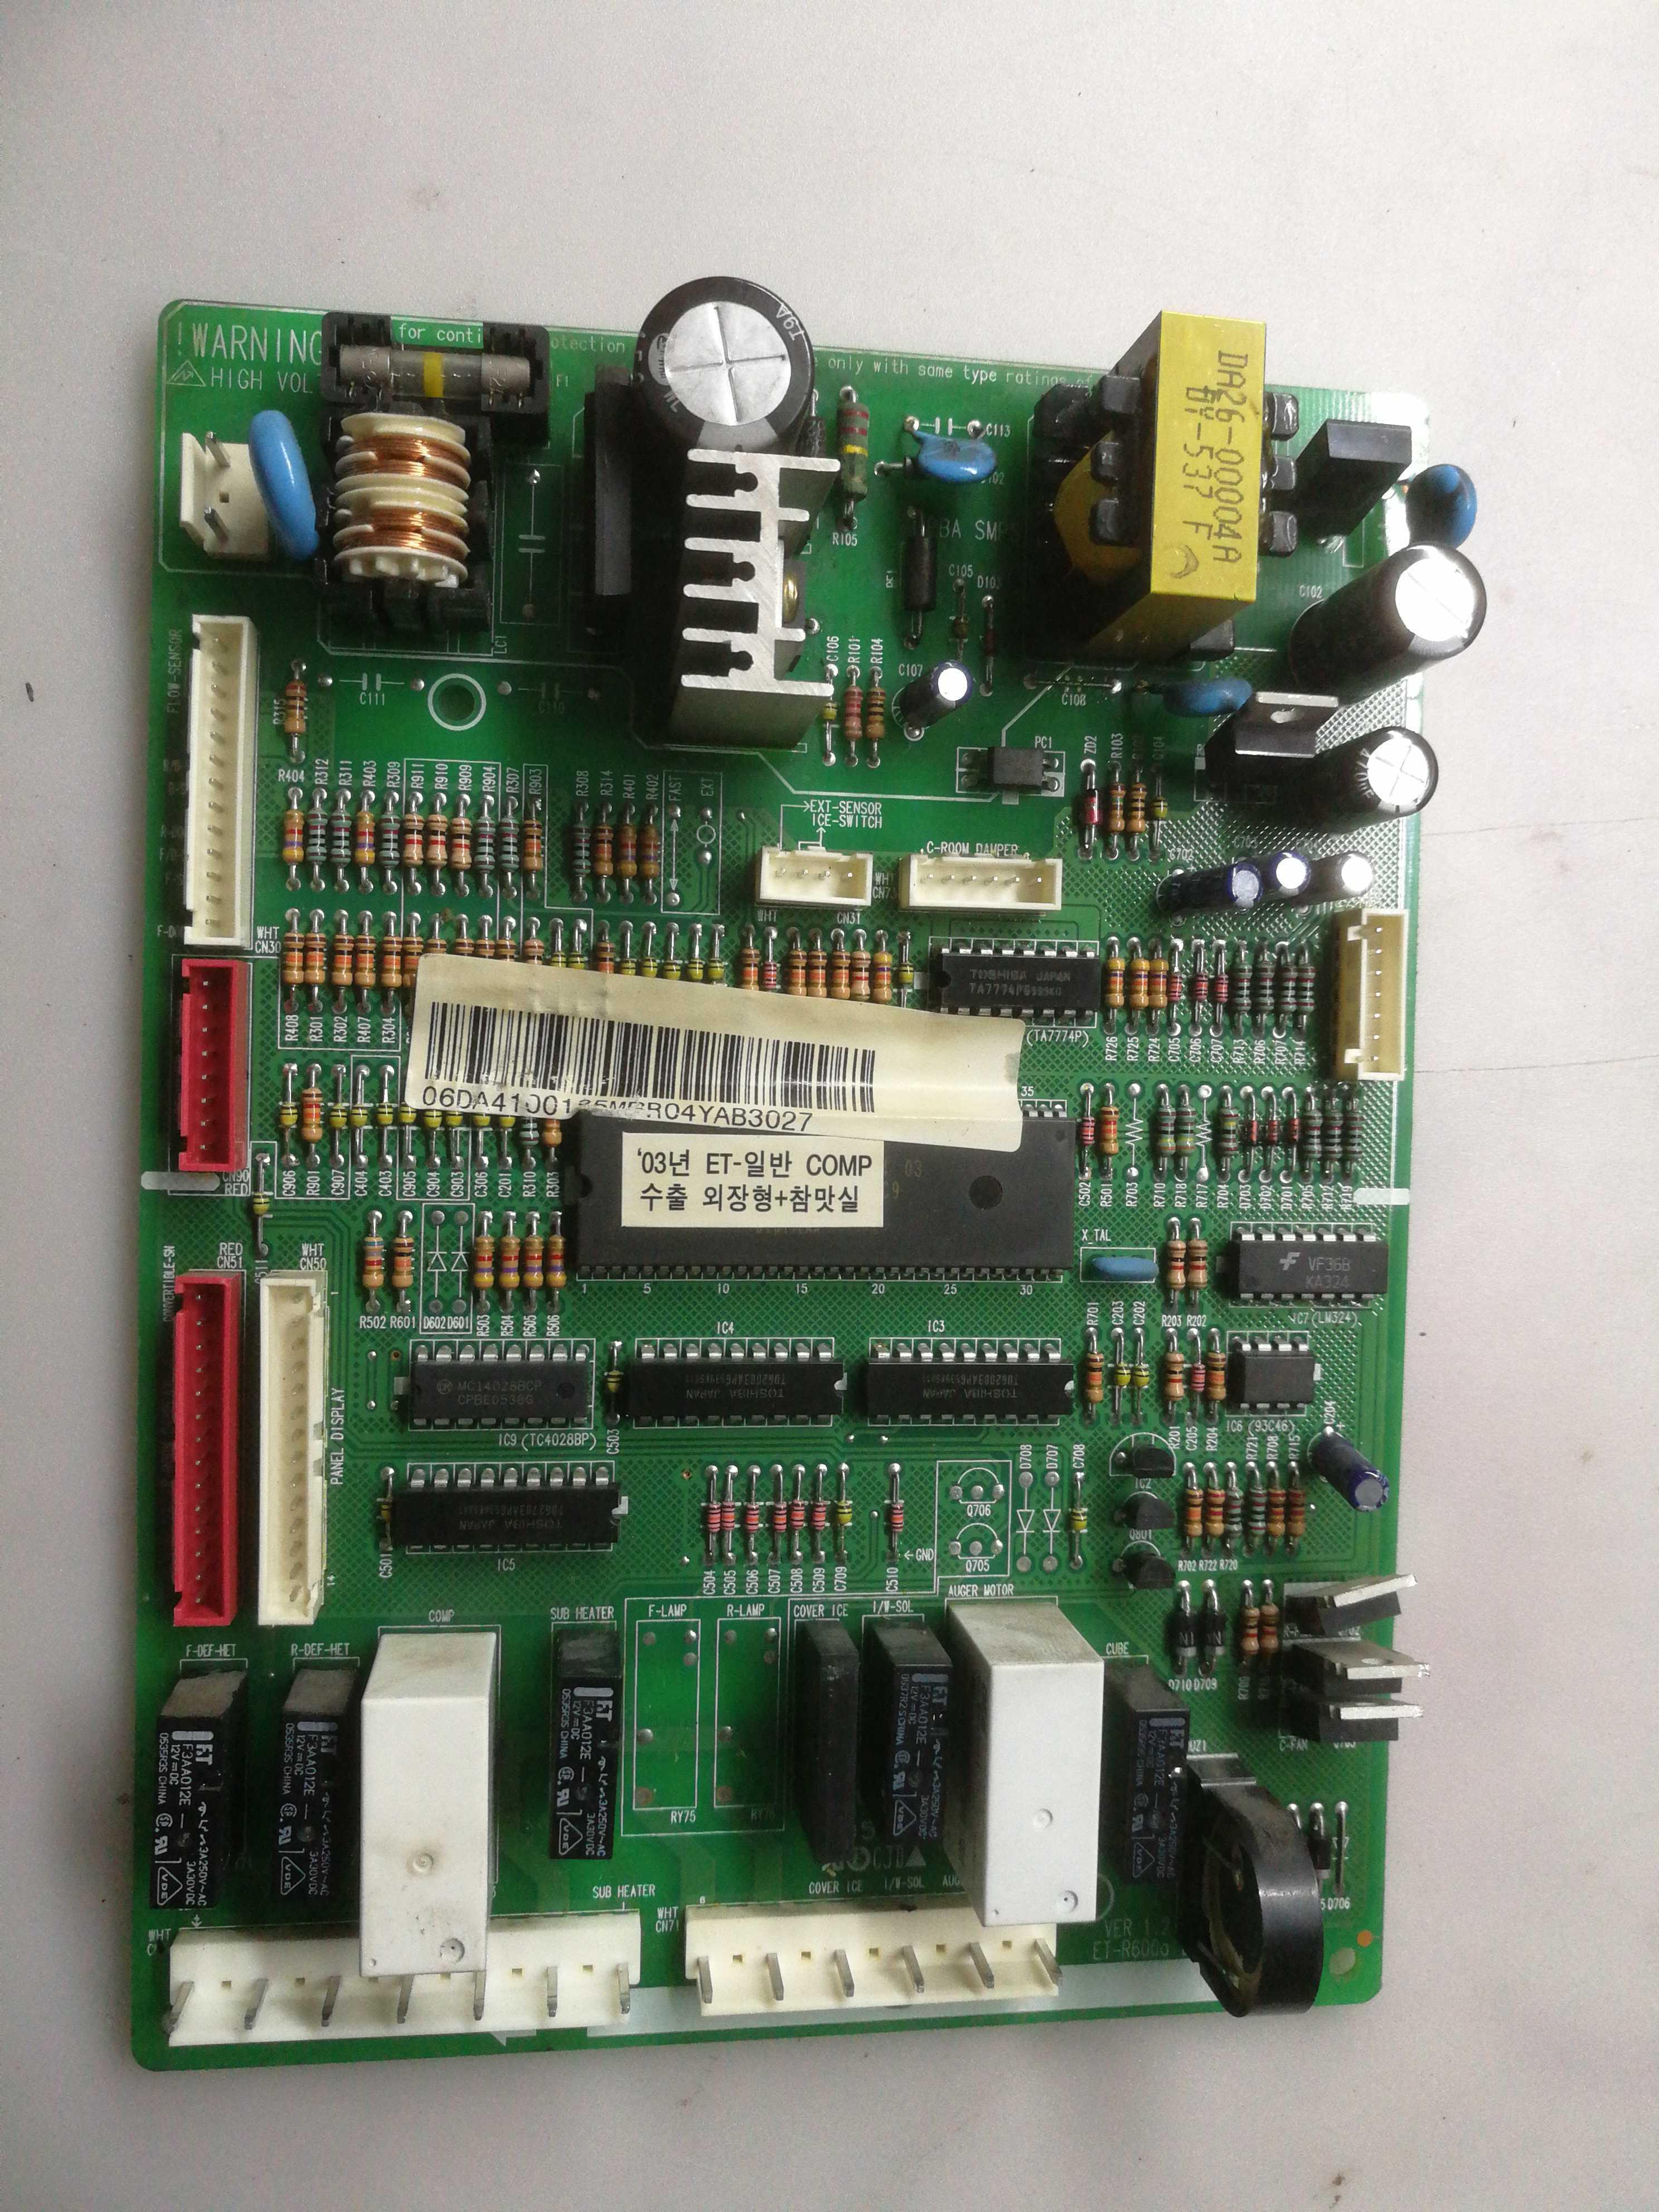 buzdolabı pc kurulu Bilgisayar kurulu DA41-00188A ET-R600 için iyi bir çalışma